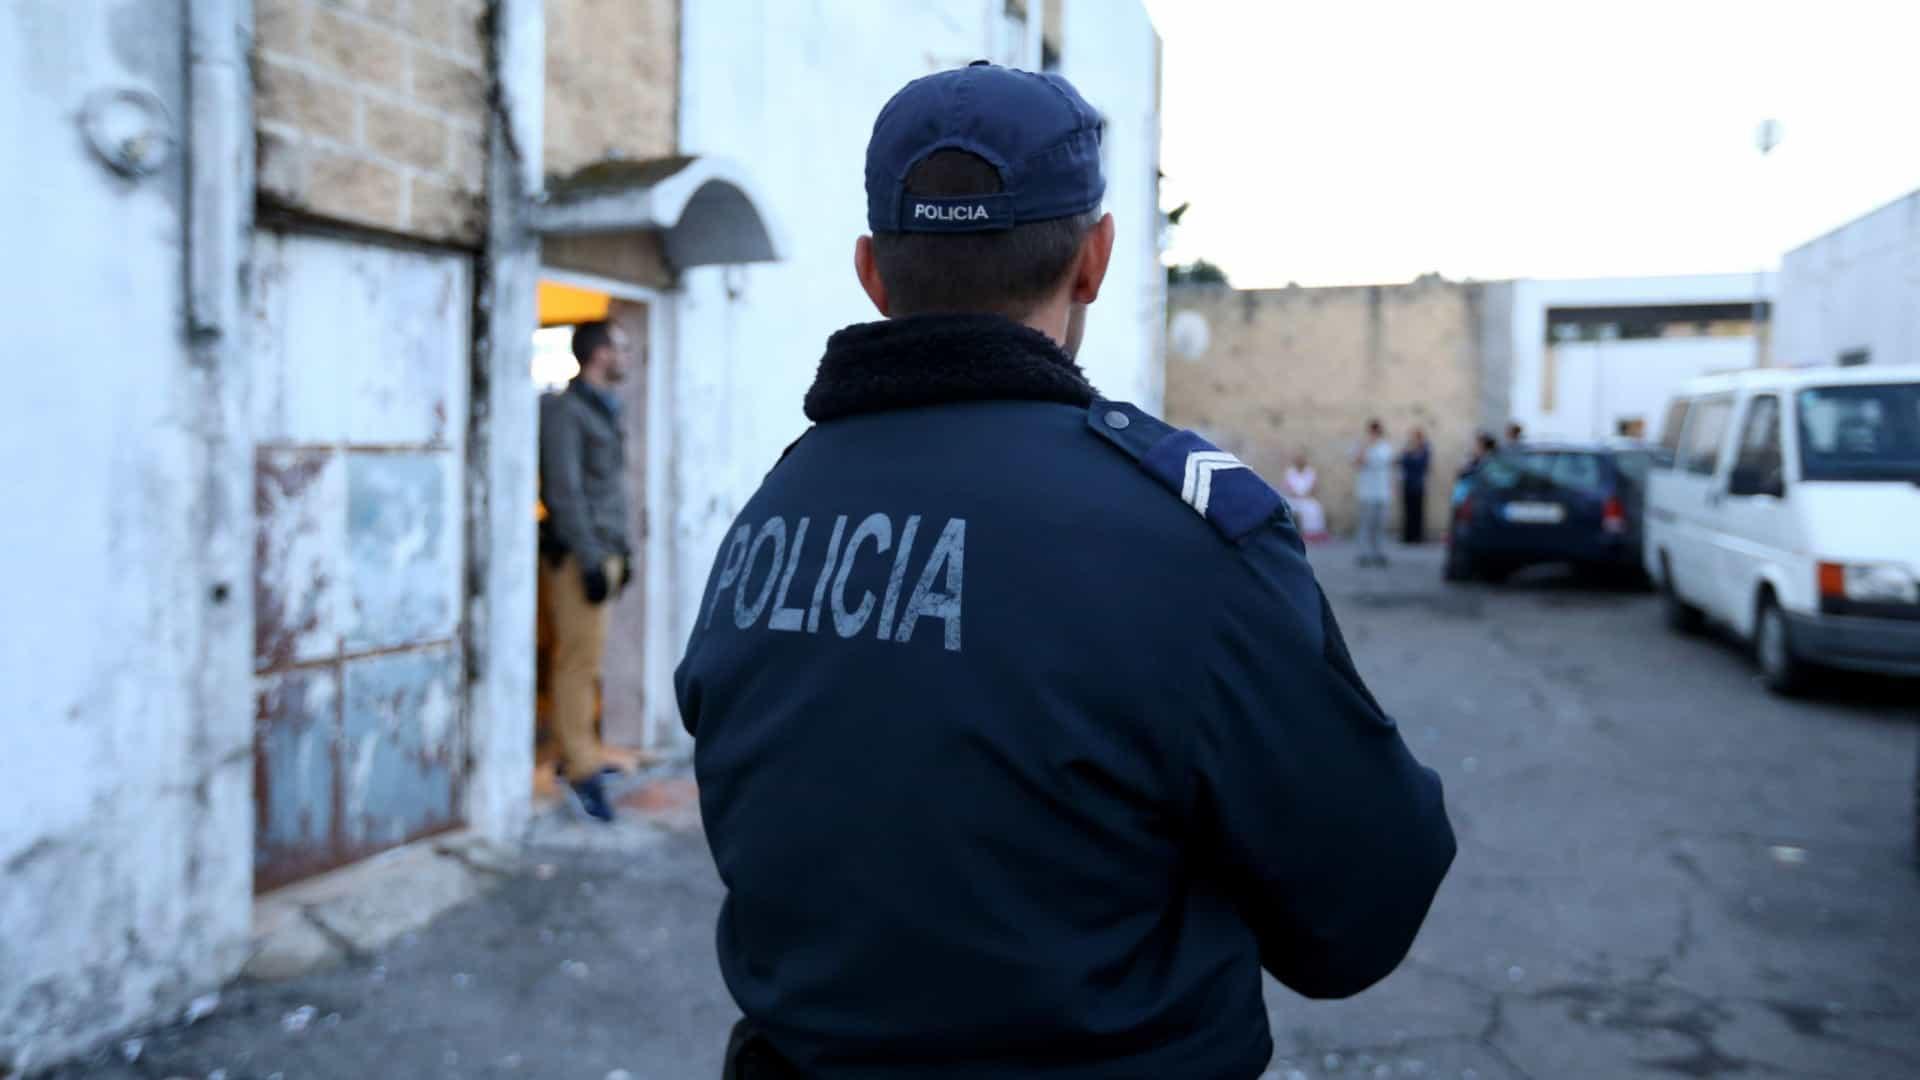 CRIME - PSP deteve homem por violência doméstica em Barcelos